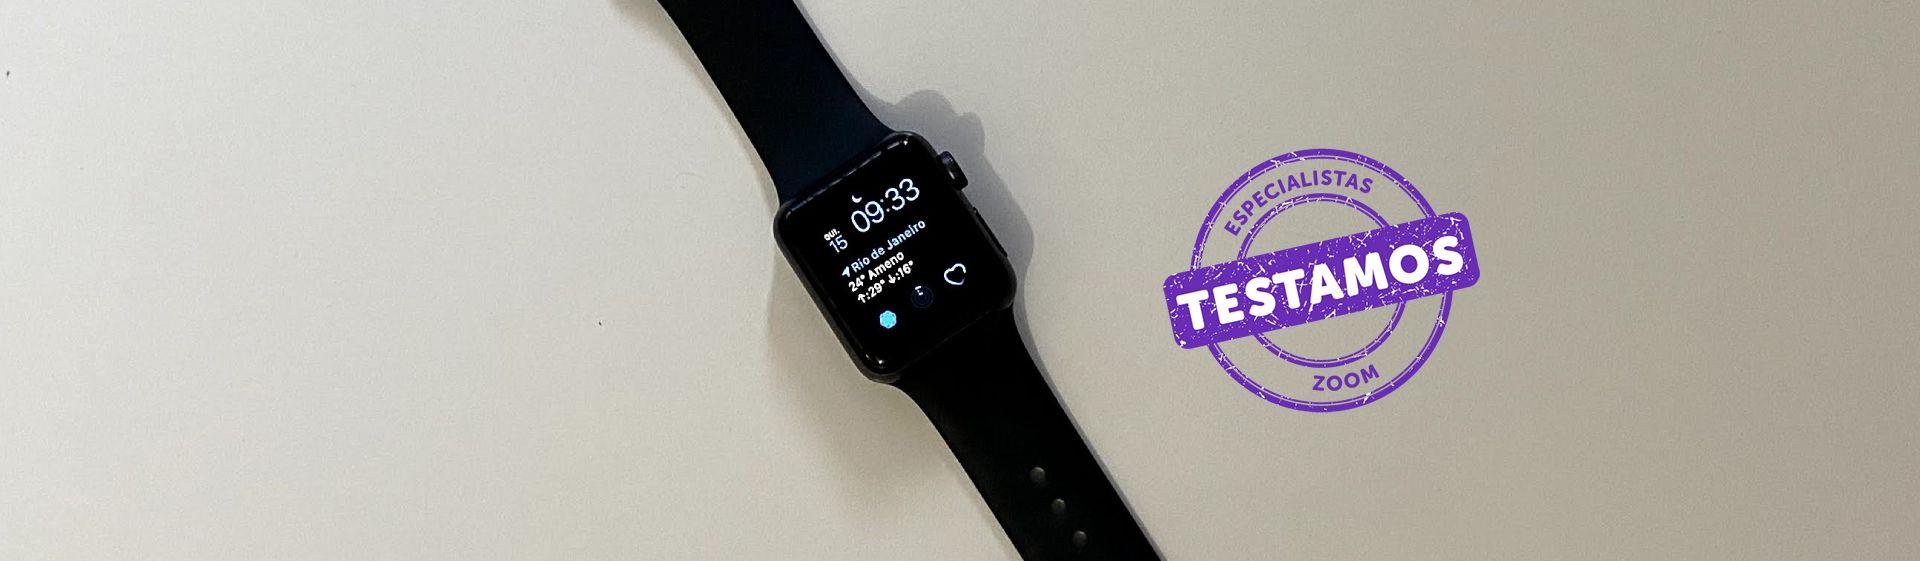 Apple Watch 3 preto com tela acesa e pulseira preta